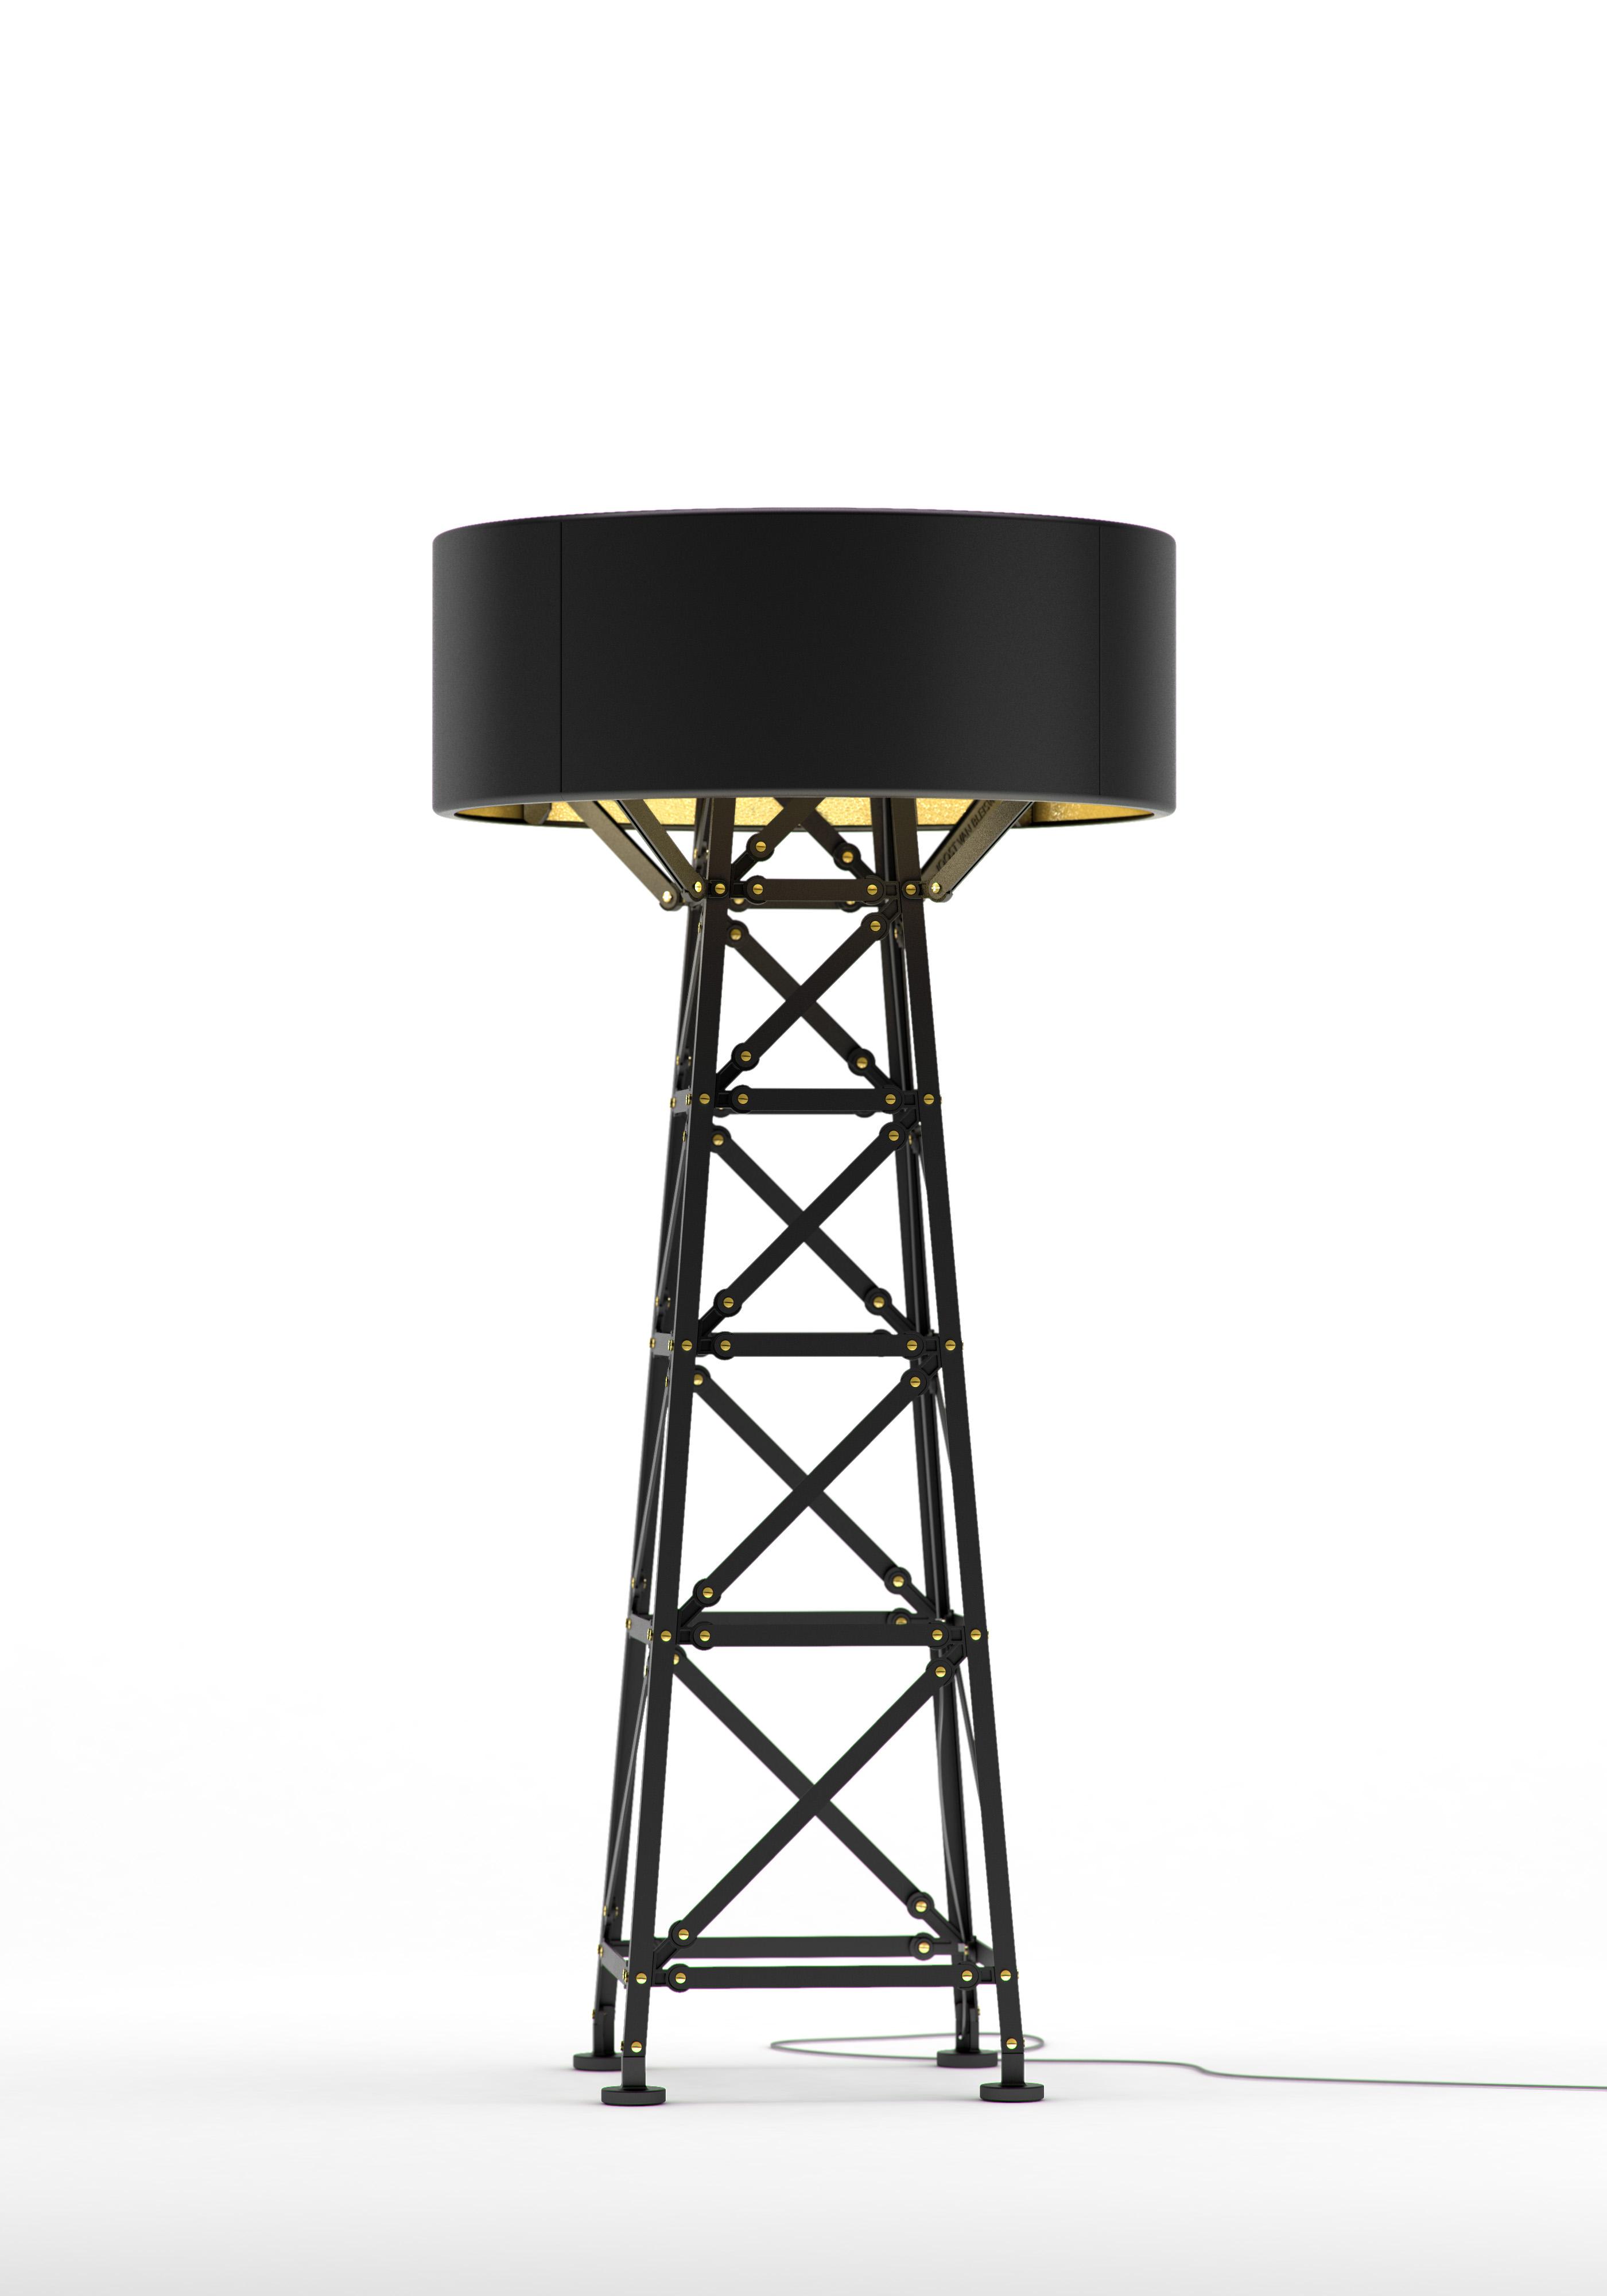 Construction Lamp mat zwart  M 120 van Joost van Bleiswijk voor Moooi